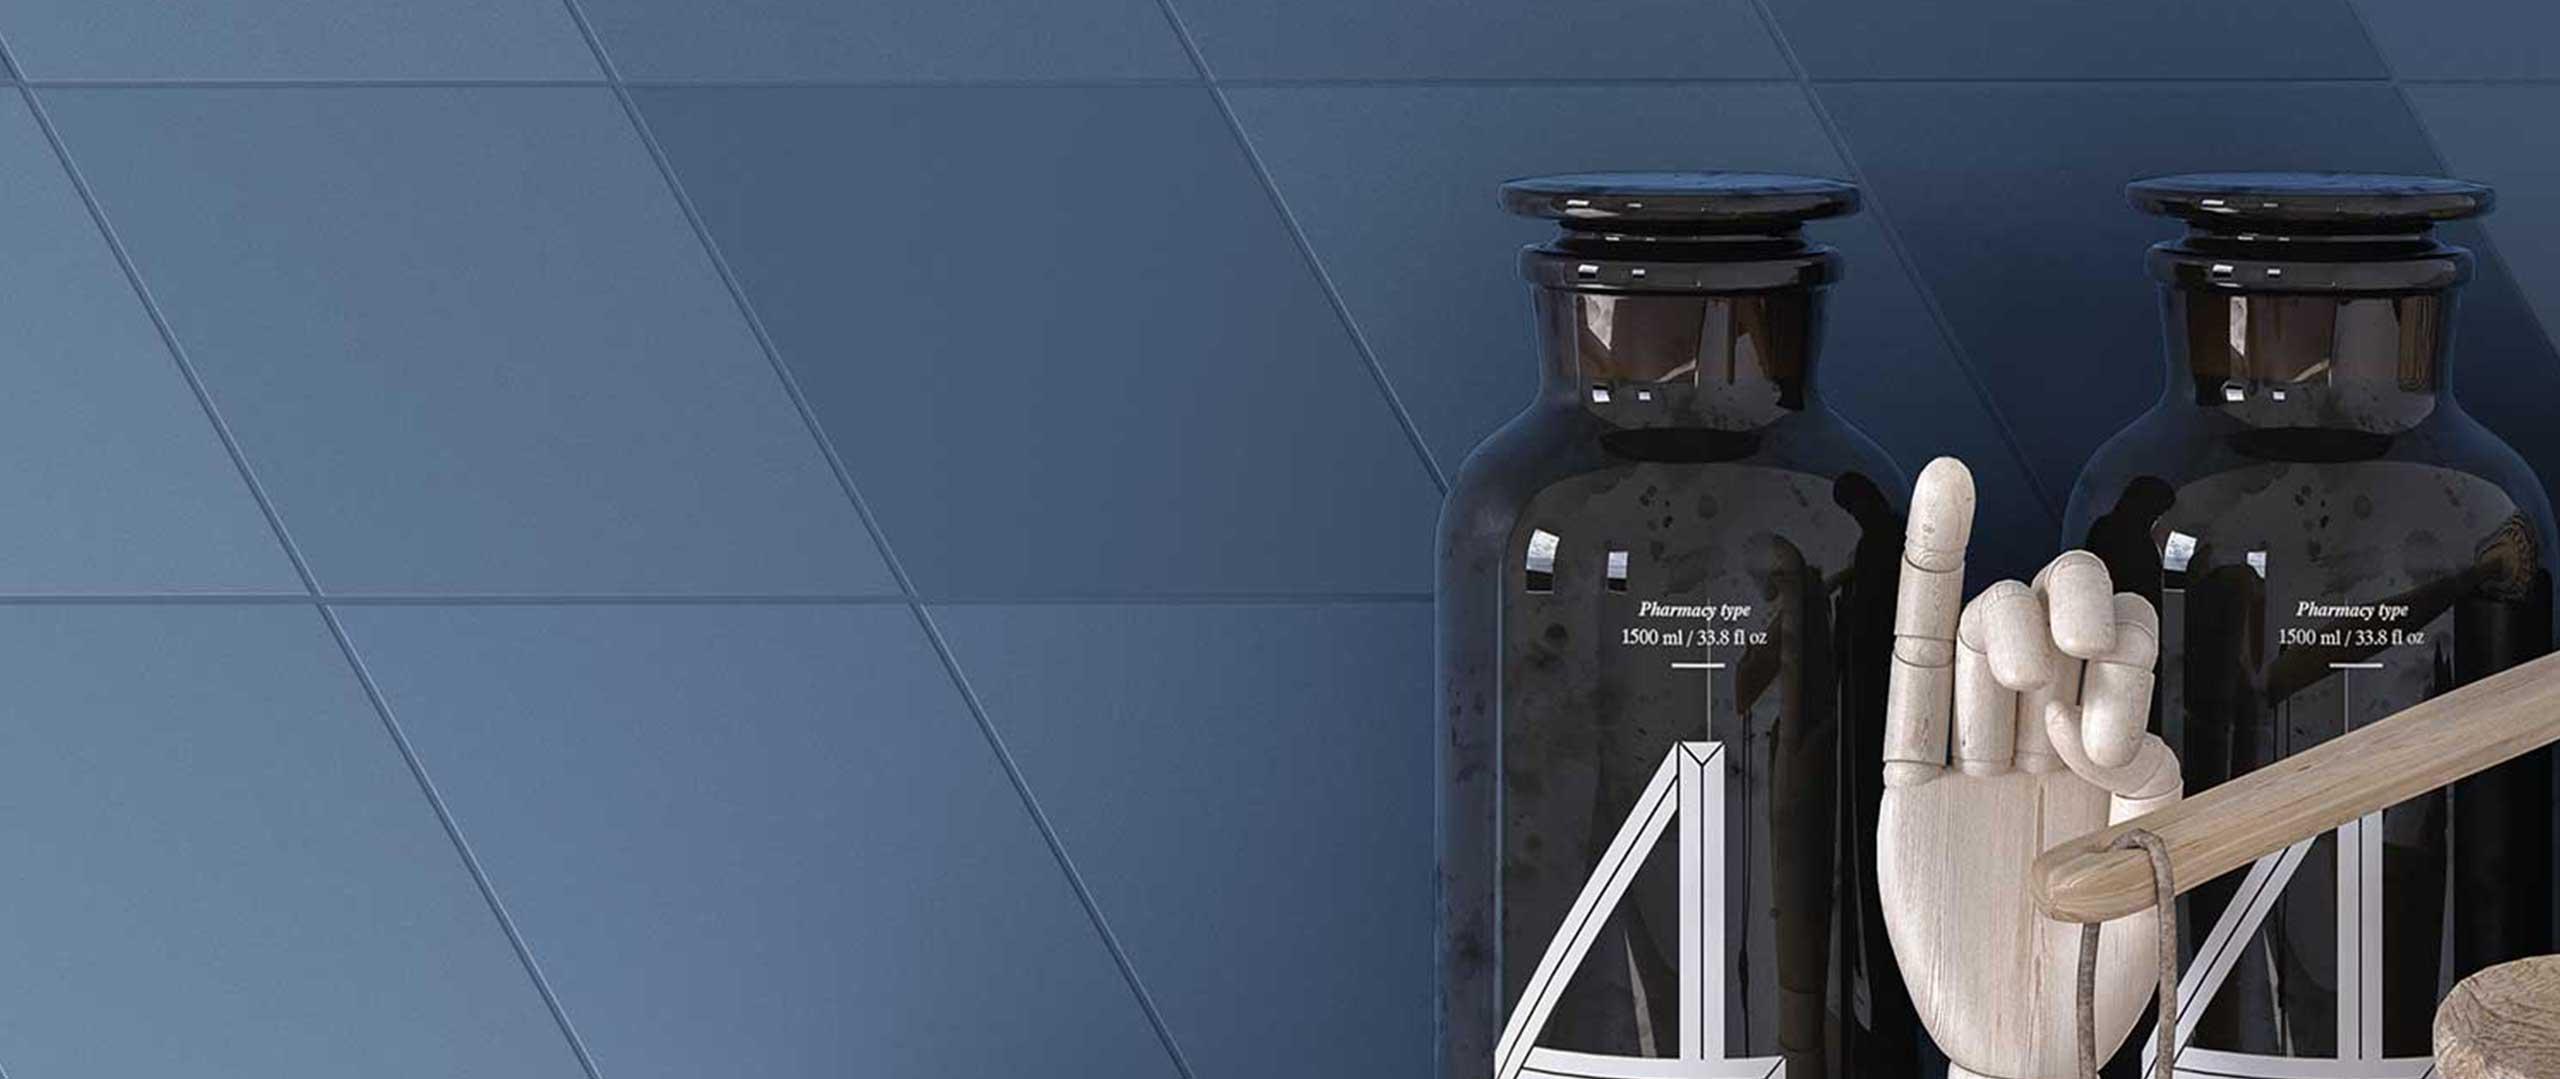 Granatowe płytki Wow Design Flow dostępne w Internity Home i Prodesigne